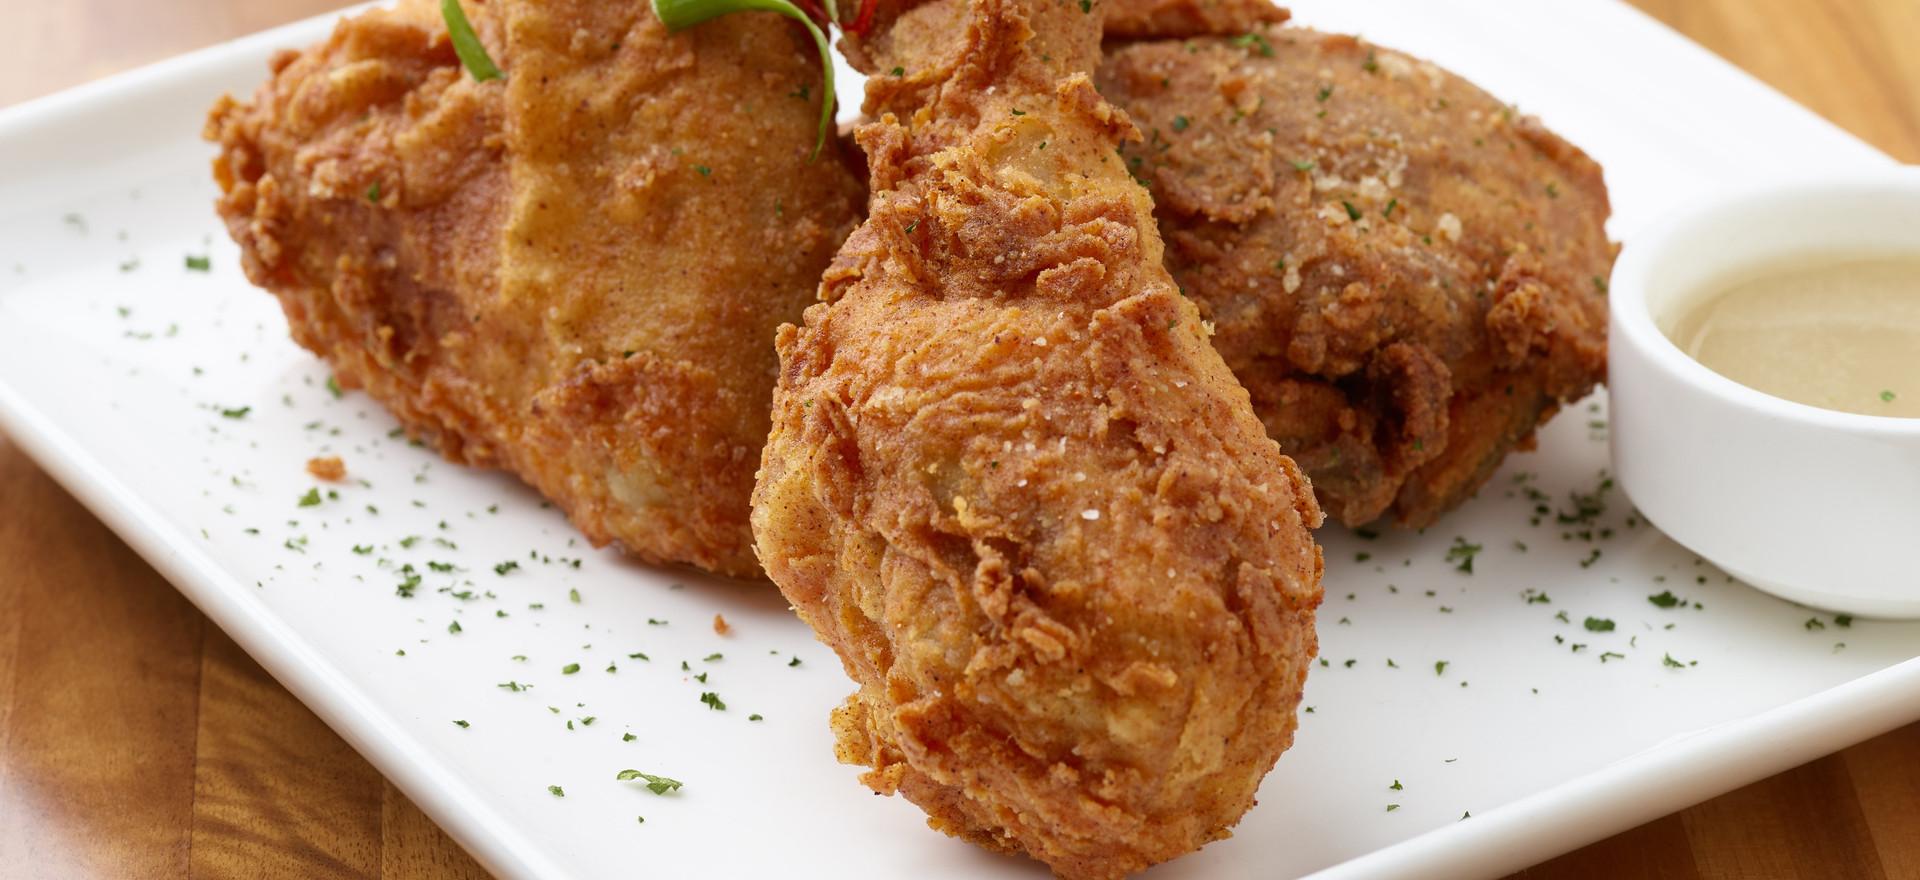 Fried Chicken with Bourbon Glaze